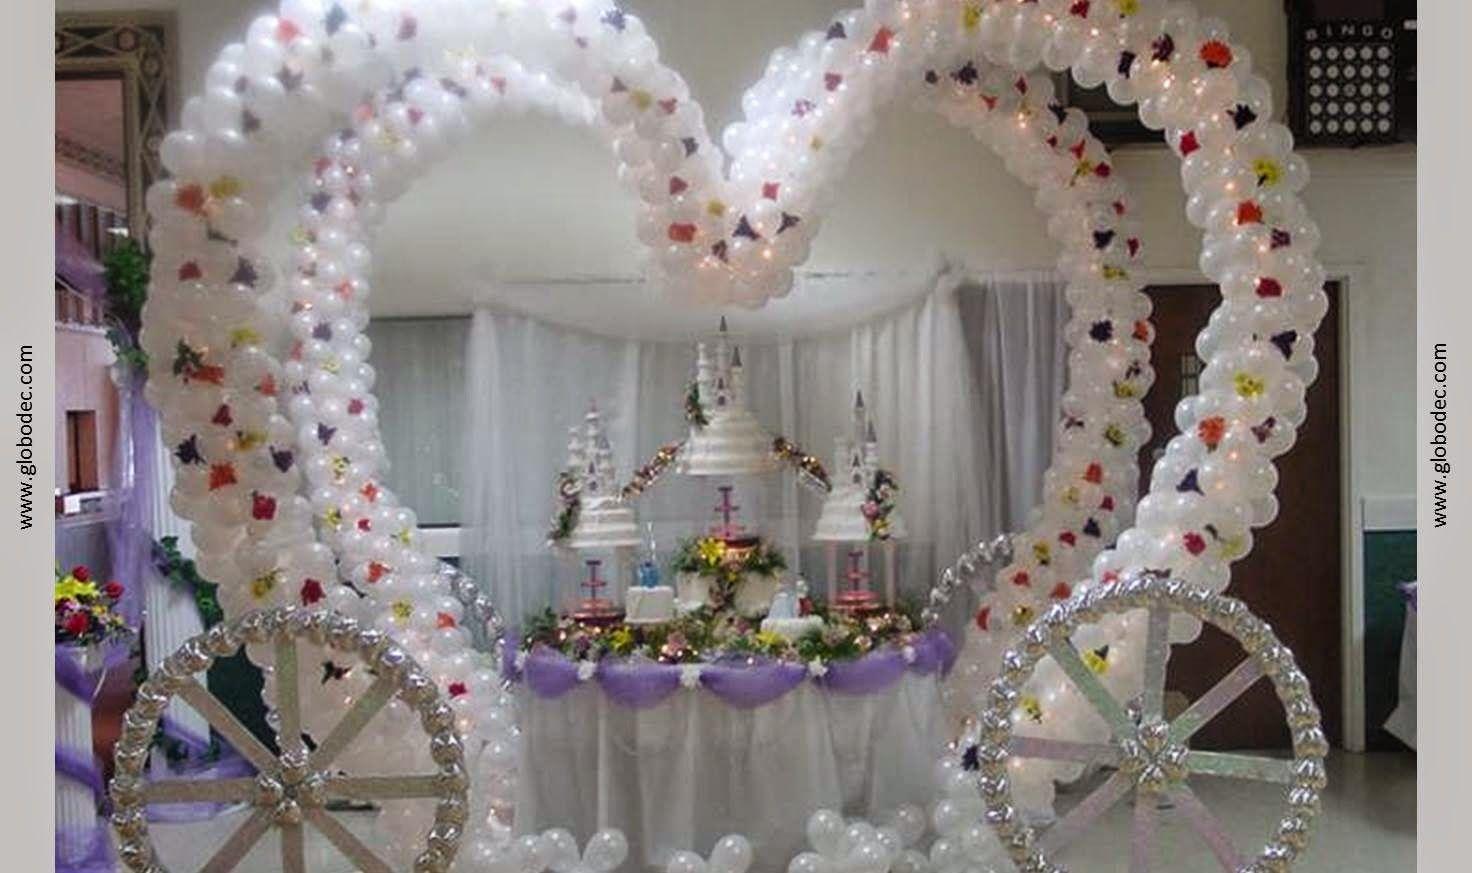 Decoracion y ornamentacion de 15 buscar con google for Ornamentacion para 15